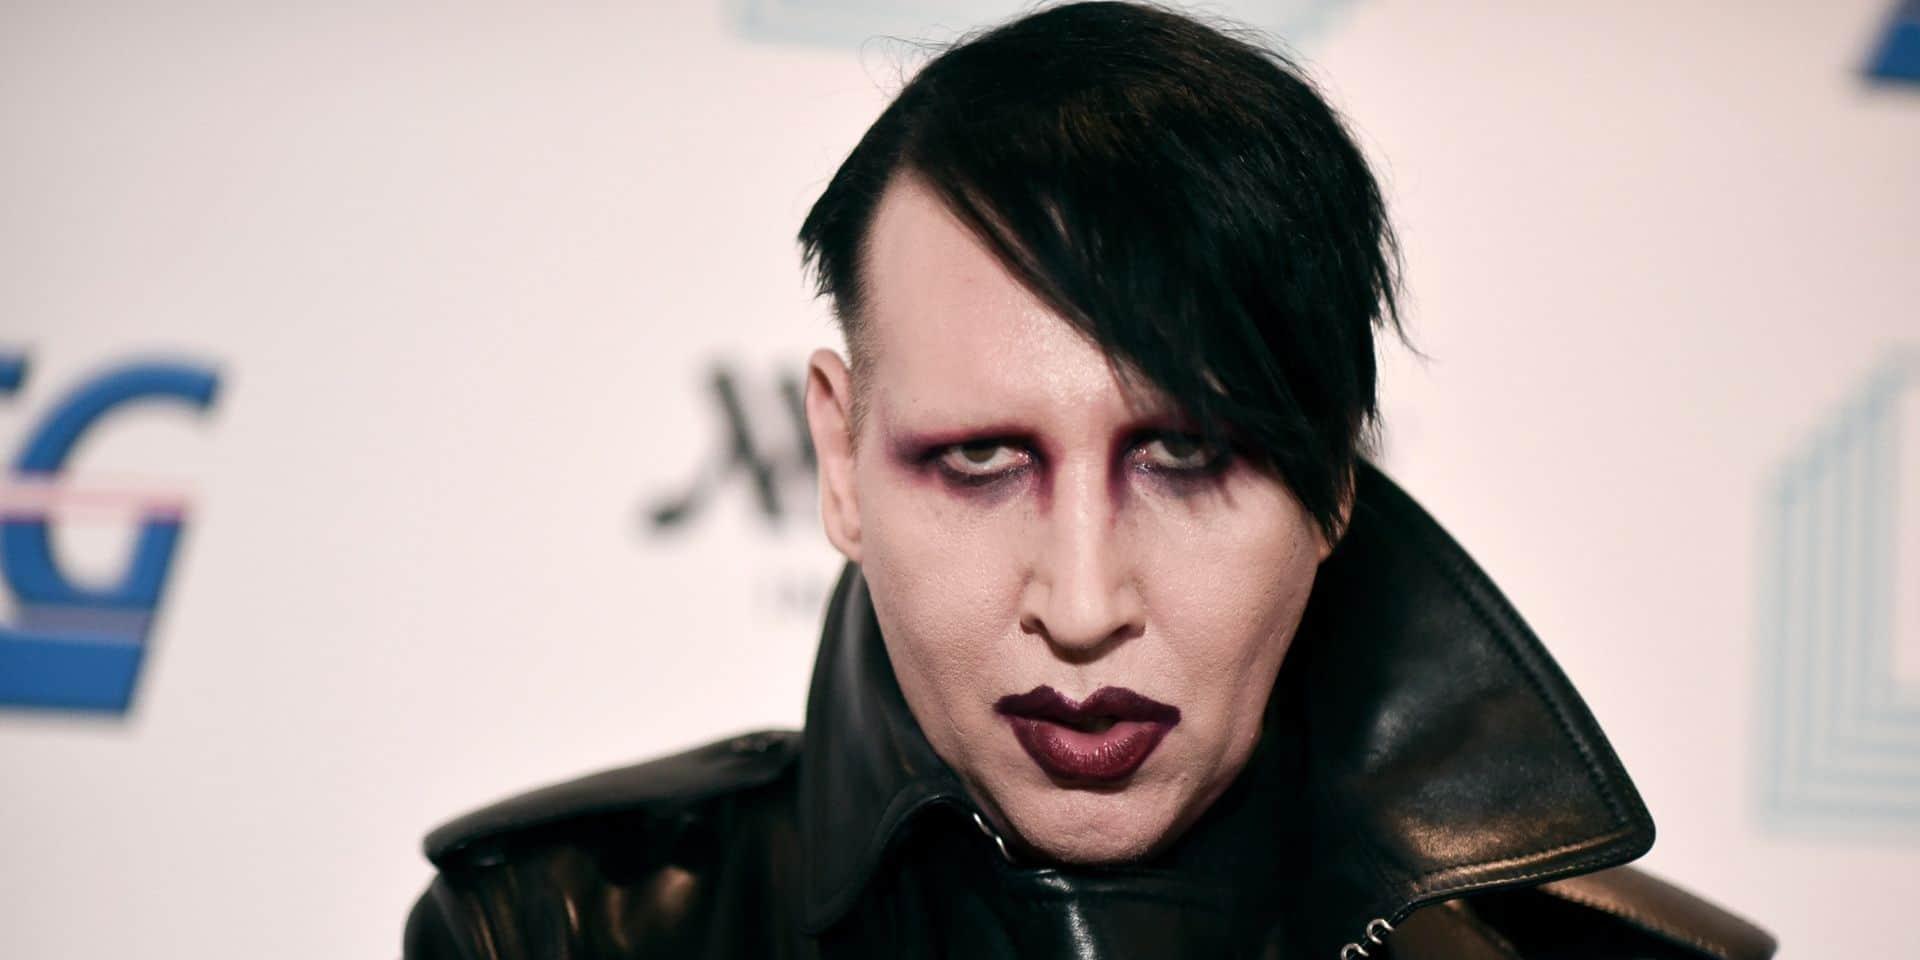 Un mandat d'arrêt délivré contre Marilyn Manson pour agression sexuelle et physique